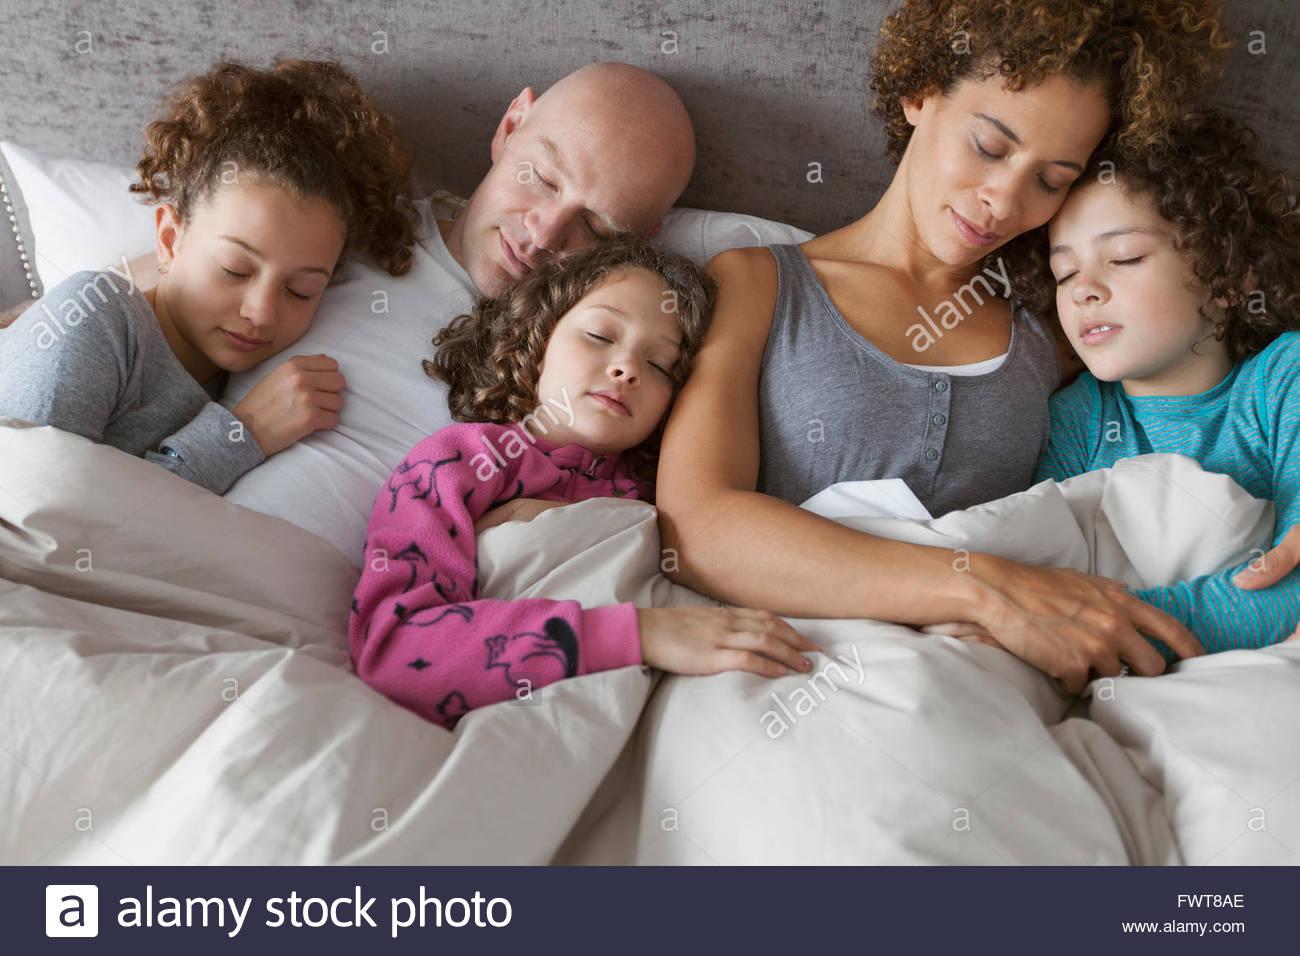 Familia de cinco personas durmiendo pacíficamente juntos. Imagen De Stock